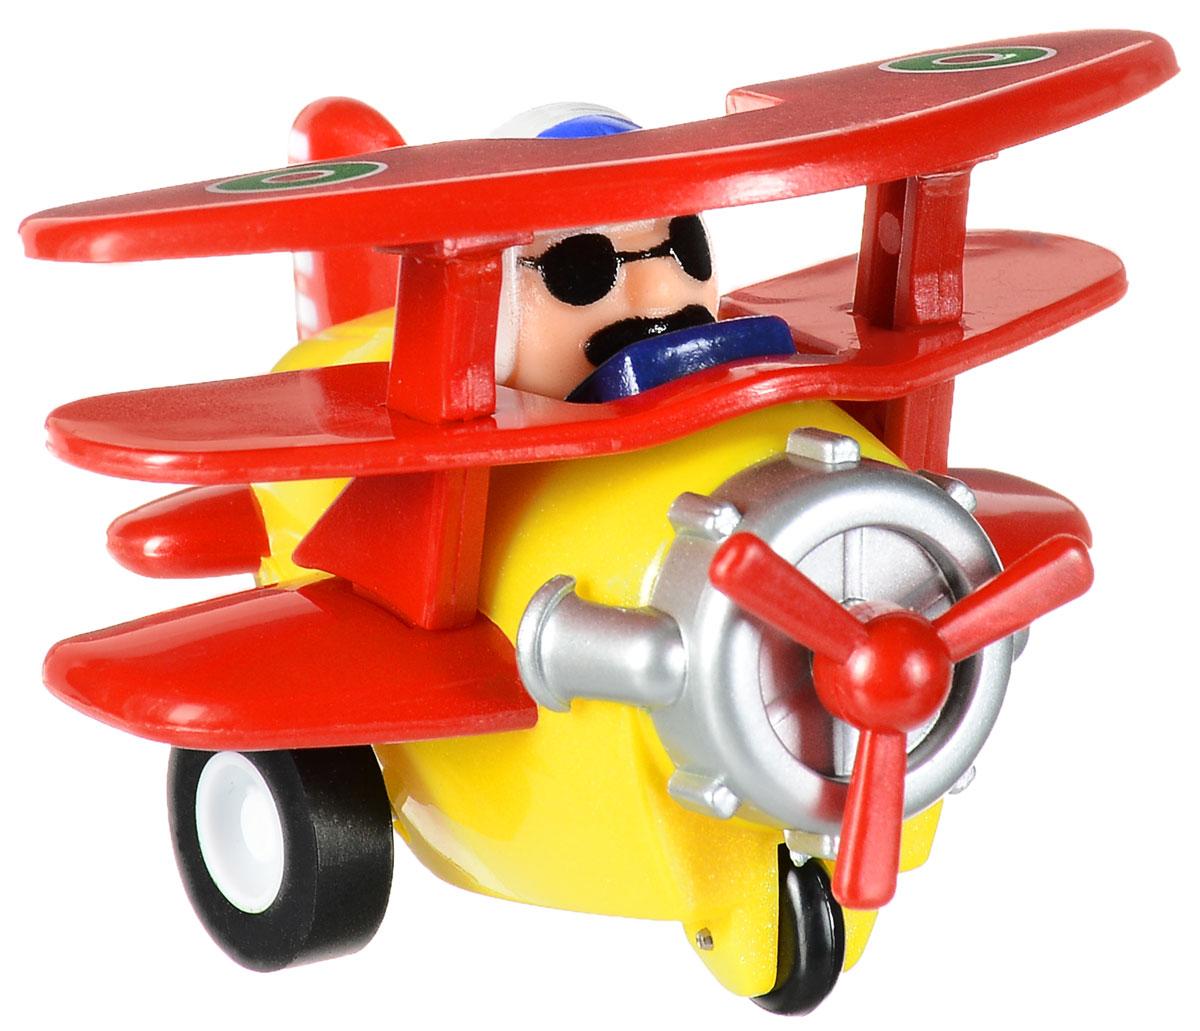 Hans Самолет инерцеонныйPP-3BD_красный, желтыйИнерционная игрушка Hans Самолет обязательно понравится малышу и станет его любимой игрушкой! Игрушка оснащена инерционным механизмом движения - достаточно откатить самолет назад и отпустить, и он помчится вперед! Игрушка развивает цветовое восприятие ребенка, мелкую моторику рук и внимание.